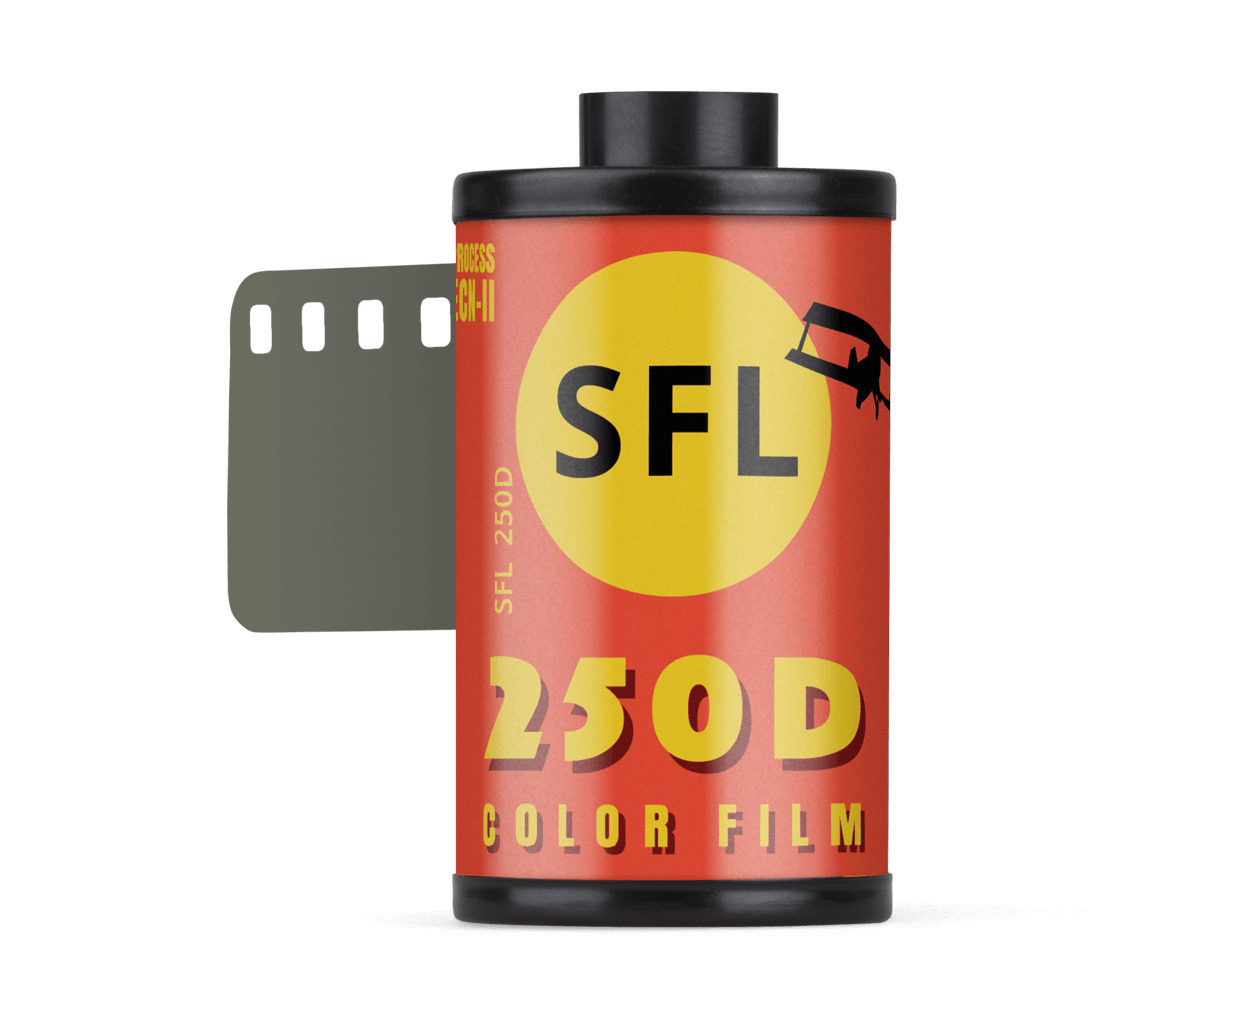 фотопленка sfl kodak 250d (135/36) цветная негативная в кассете